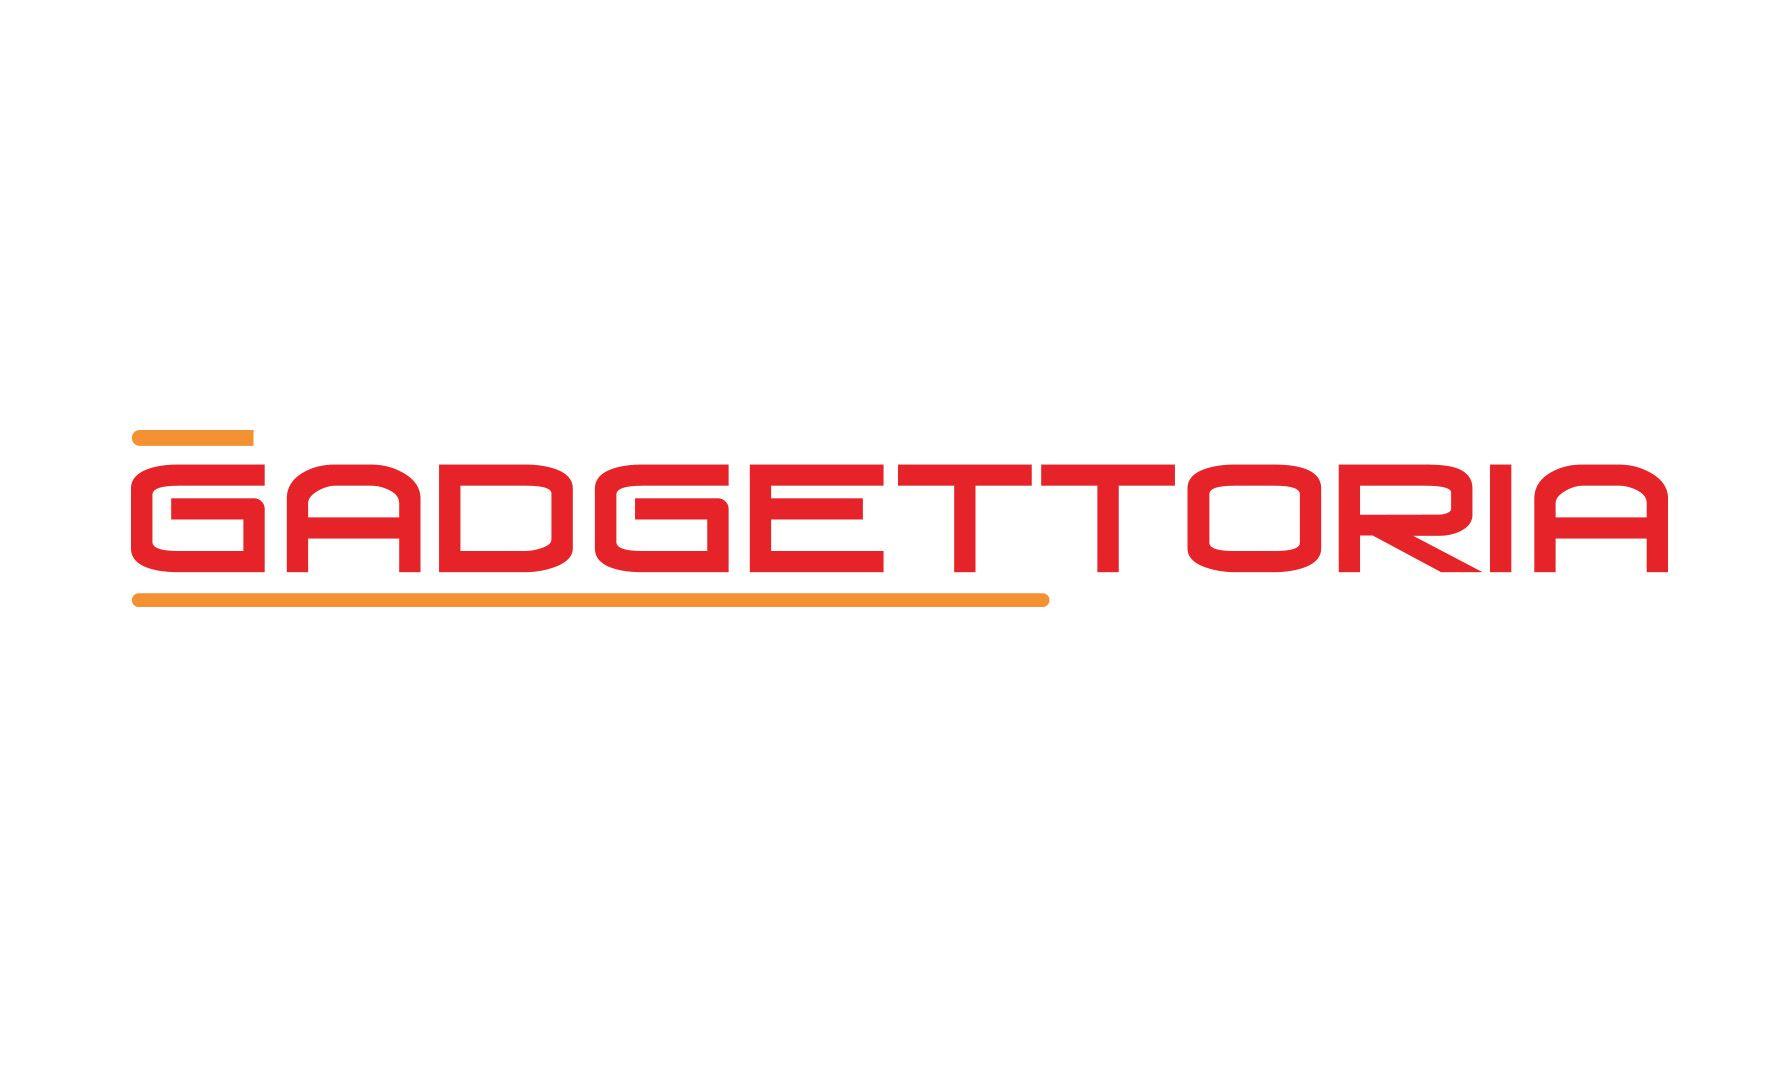 Логотип магазина аксессуаров для гаджетов - дизайнер IAmSunny